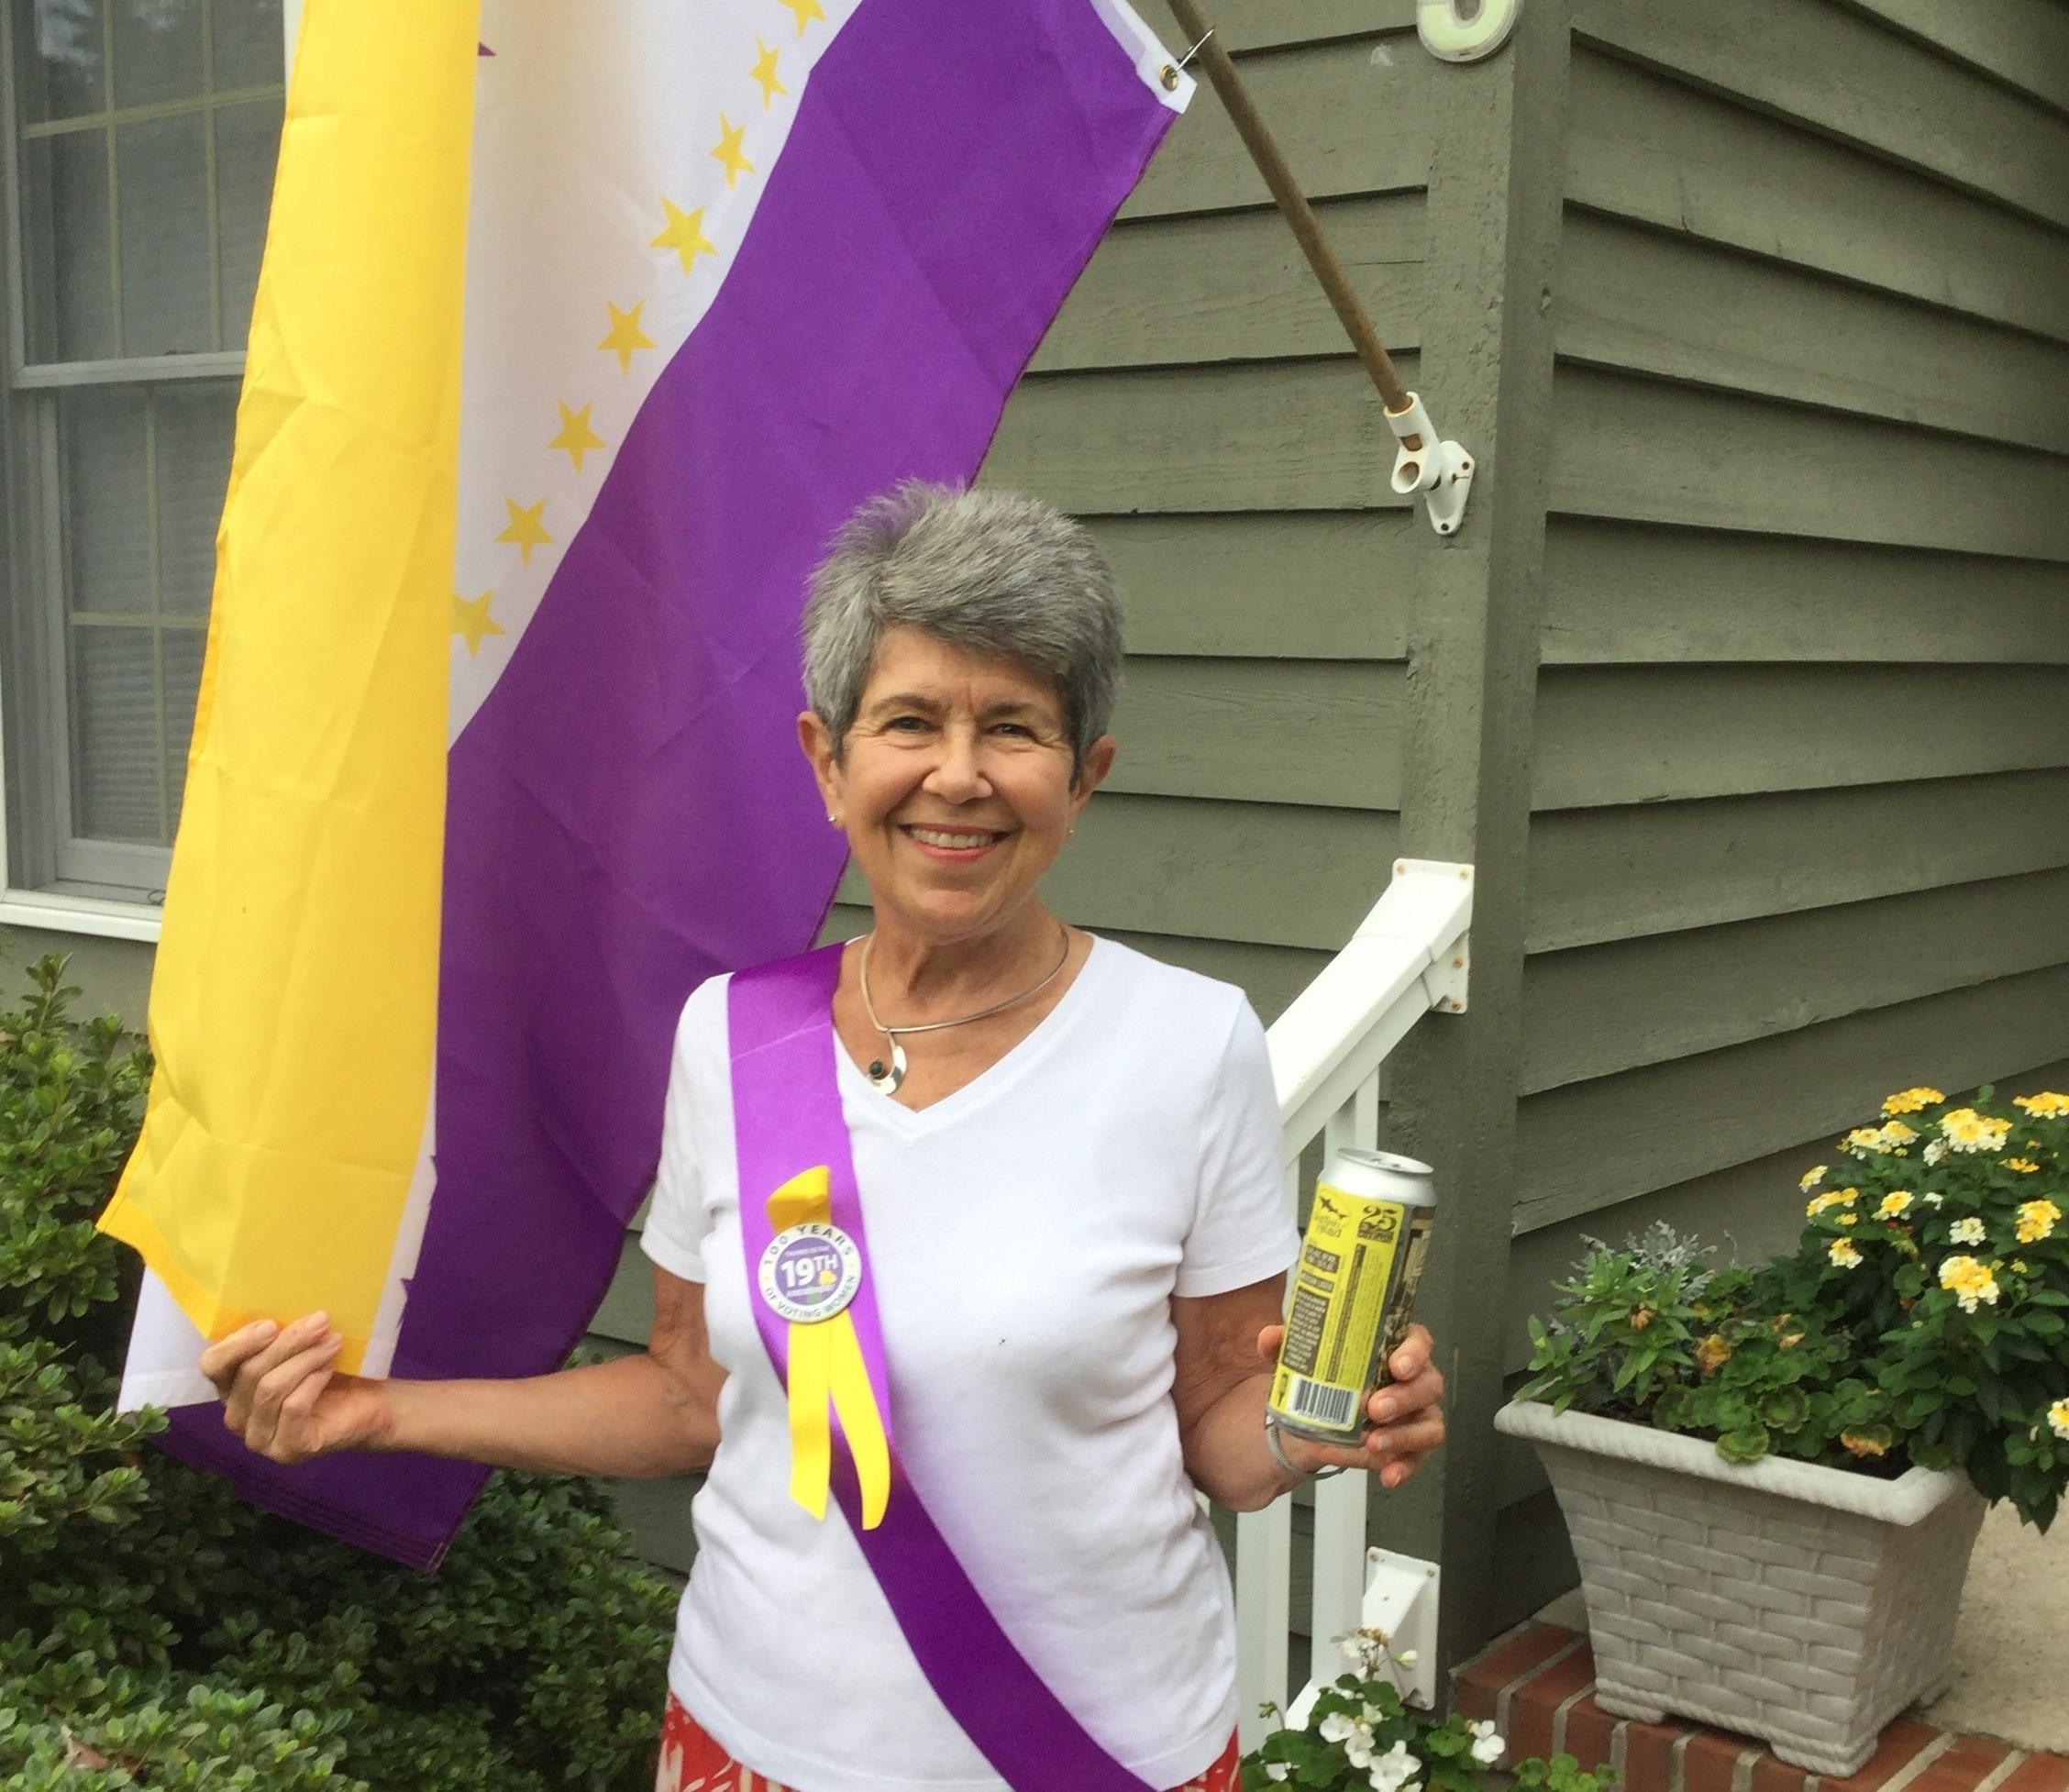 Sue Claire Harper flies 19th Amendment flag while holding a can of Centennial Suds